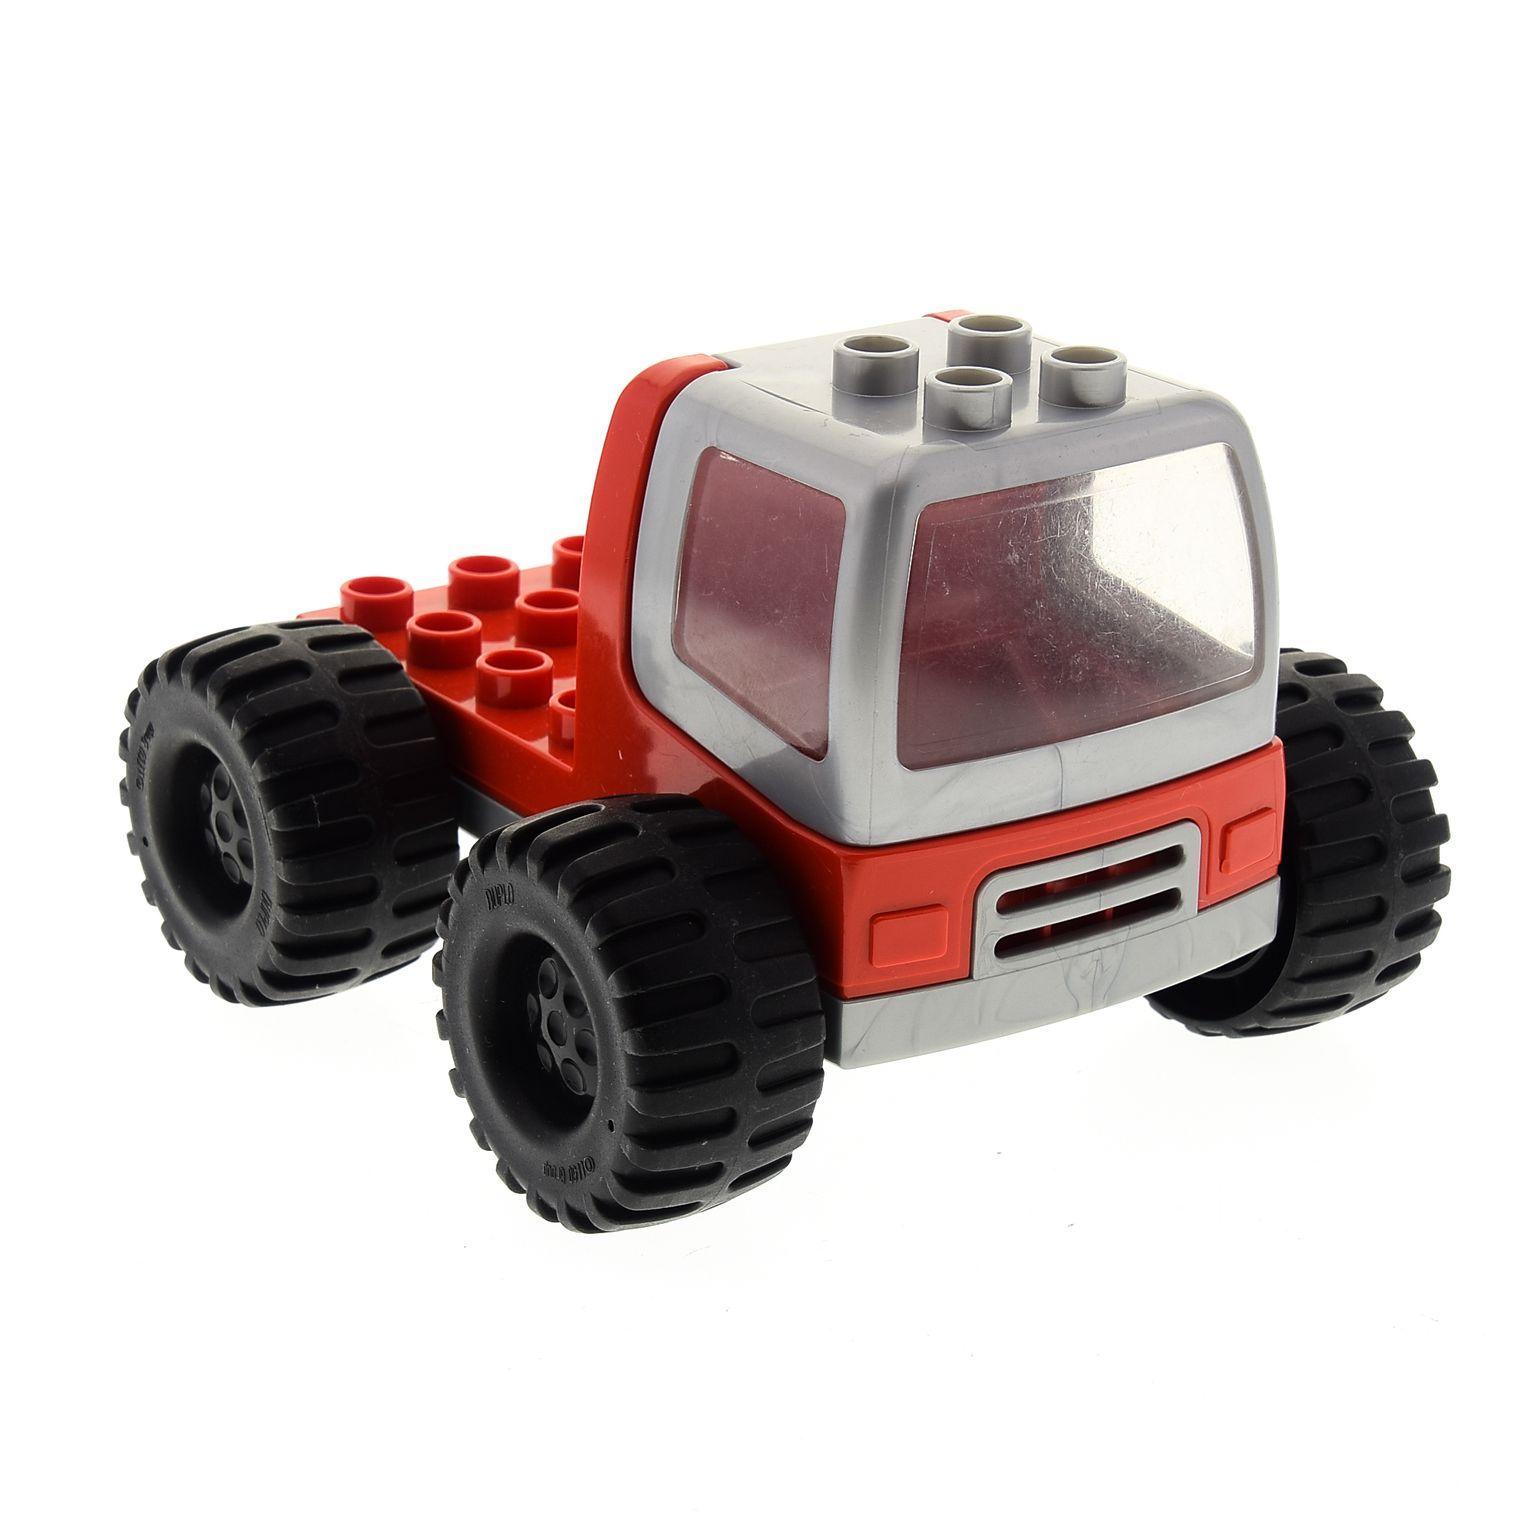 1x Lego Duplo Fahrzeug gelb schwarz Fenster Auto Reifen groß dupconcar 31077